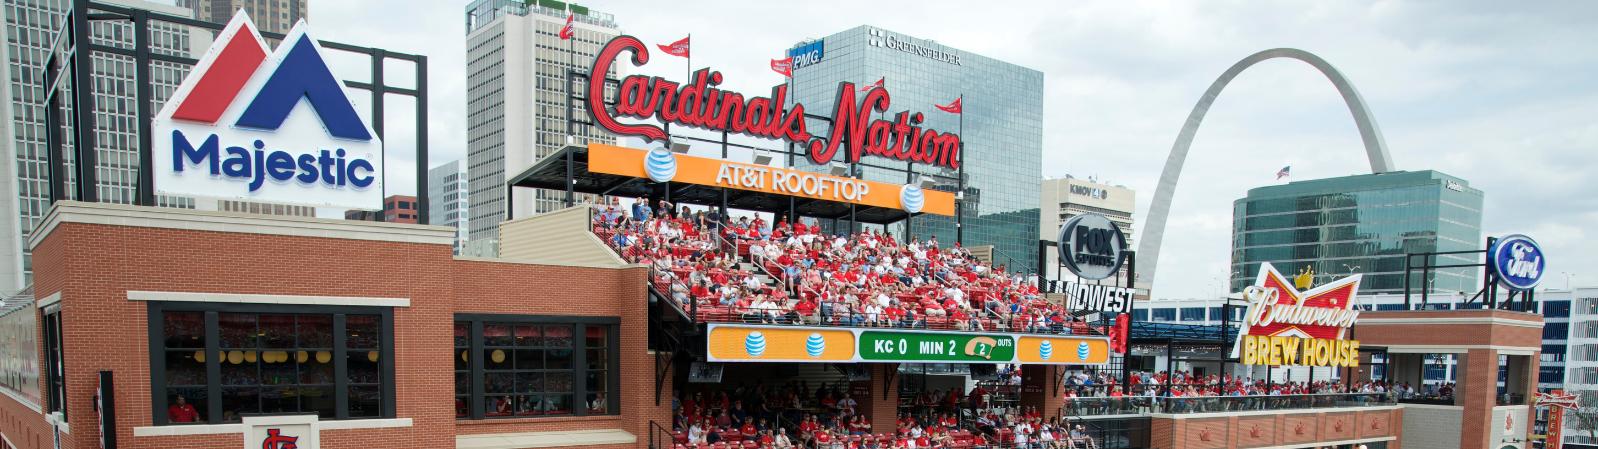 Cardinals Nation, St. Louis, MO